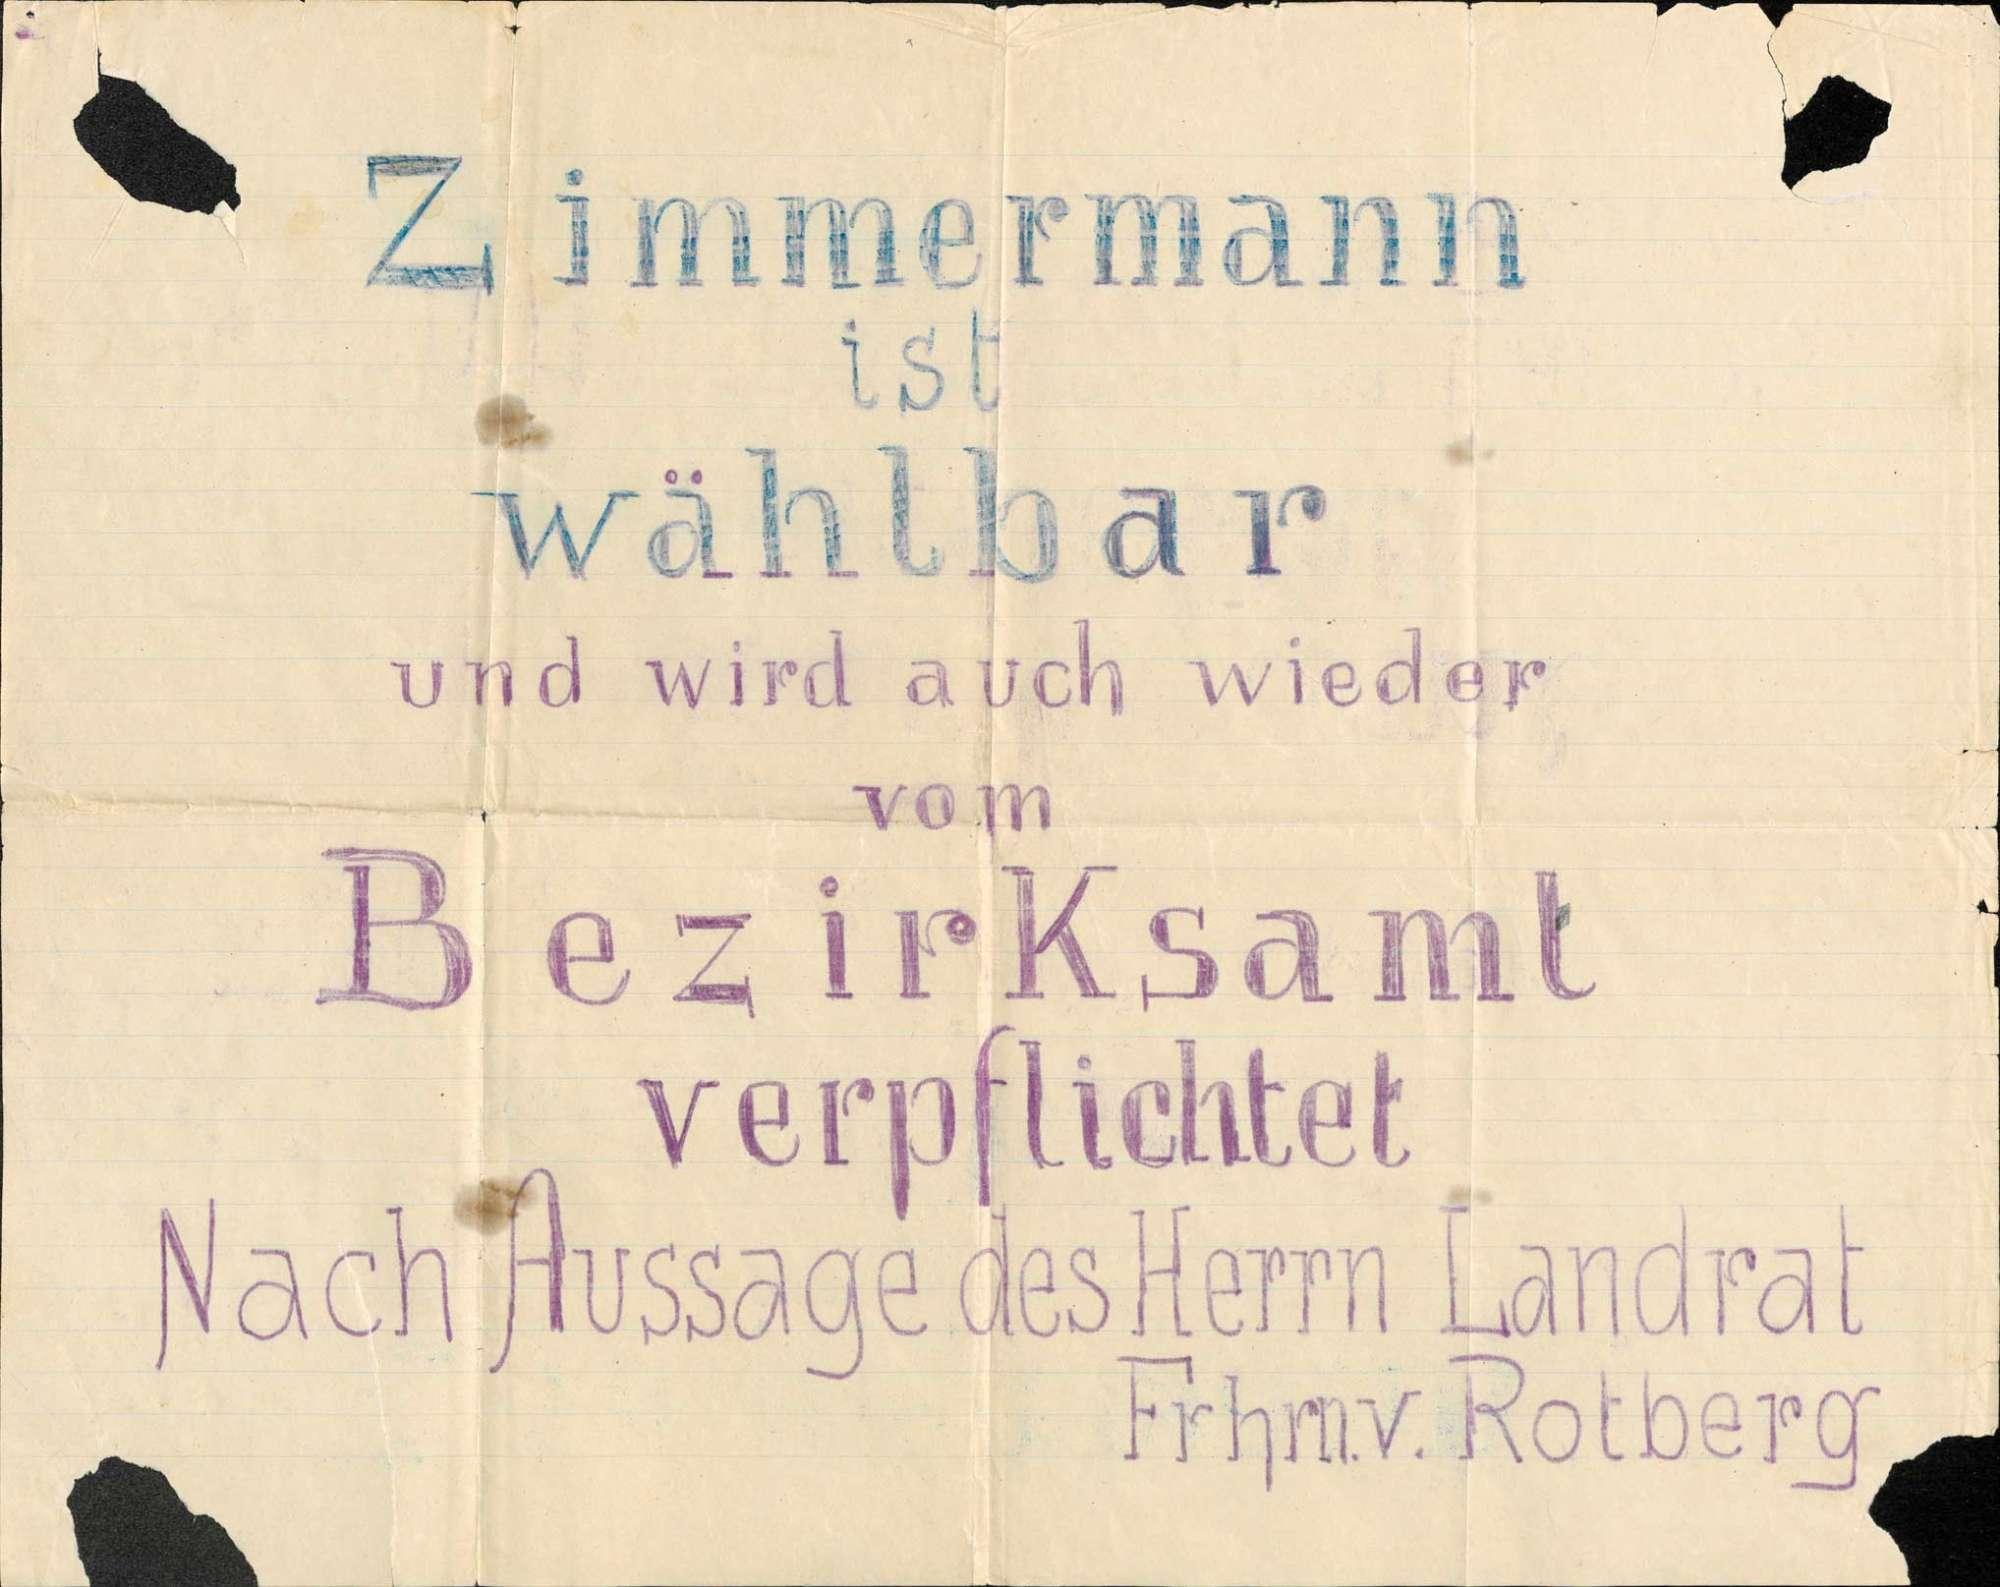 Plakate, Arbeitszeugnisse und Briefe in Bezug auf das Dienststrafverfahren gegen Eduard Zimmermann, Bürgermeister der Gemeinde Rhina, Bild 2